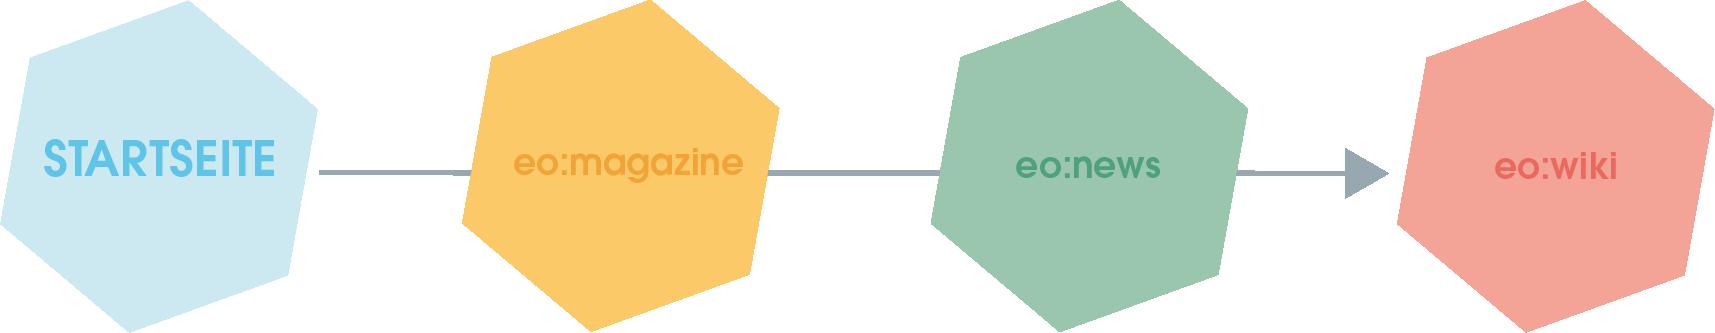 Lineare Linkstruktur